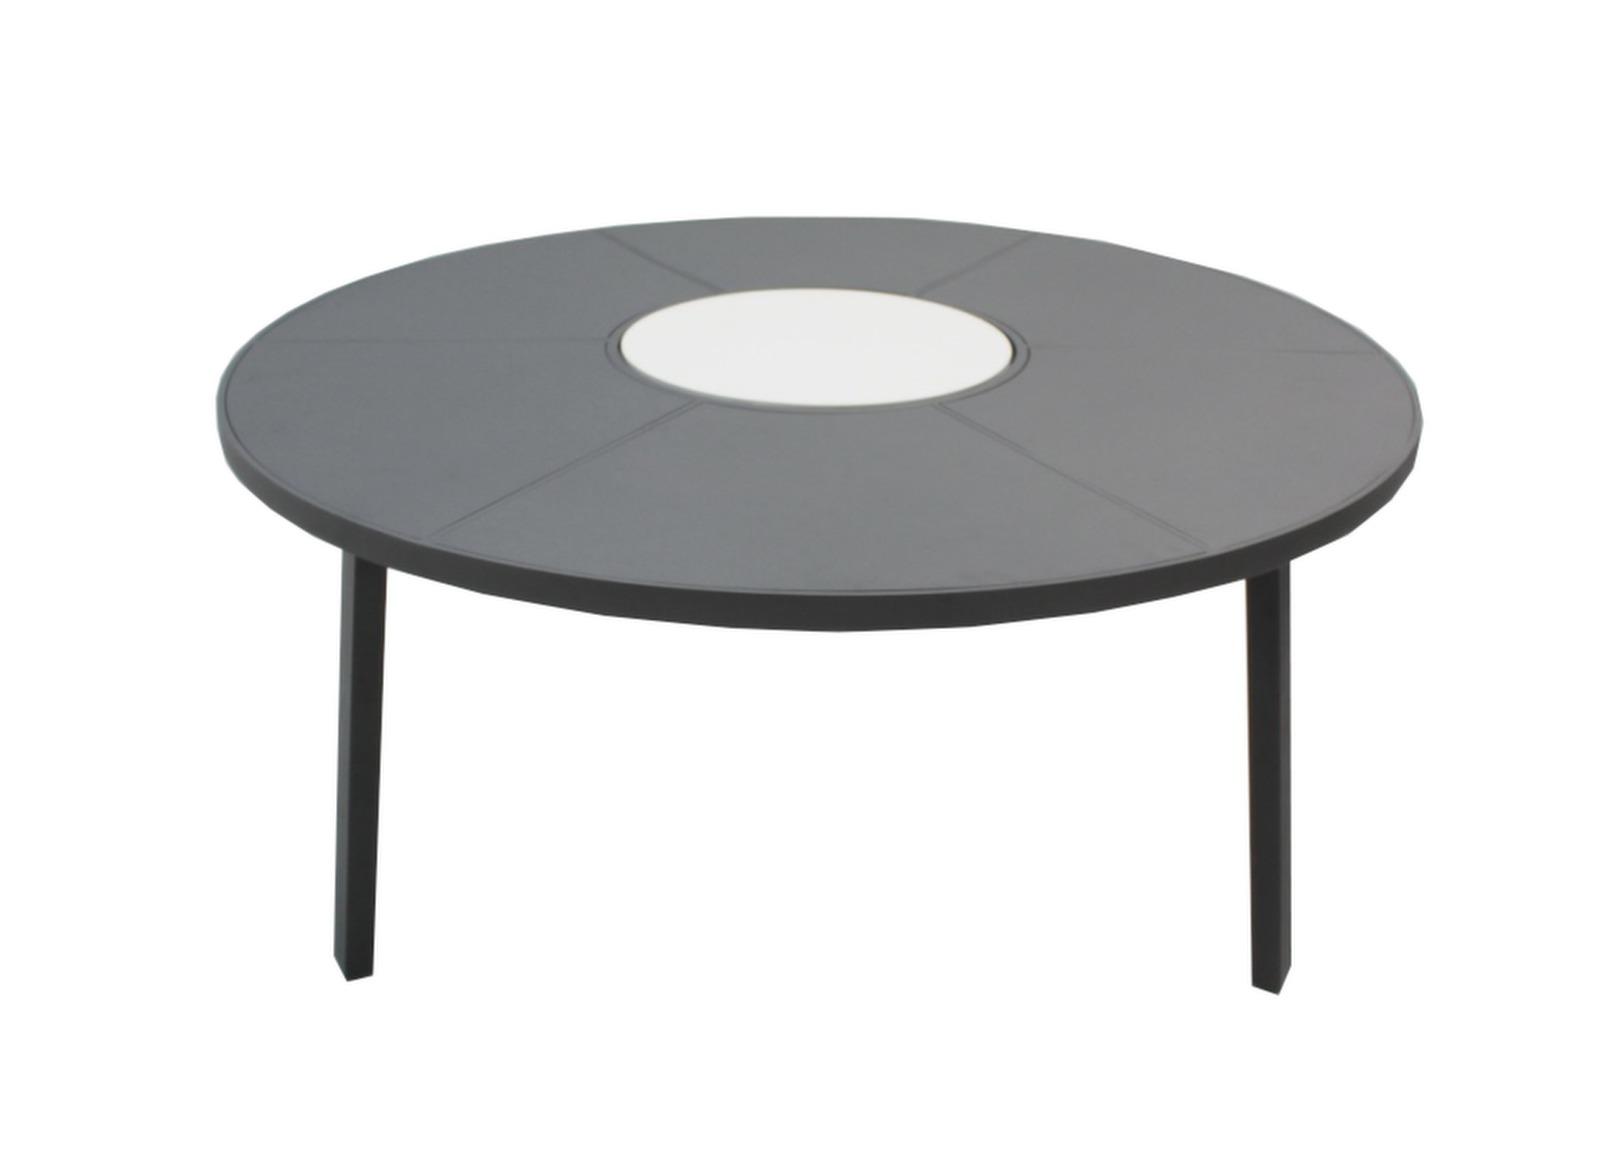 Meuble de jardin par Proloisirs - Table Azur Ø 150 cm